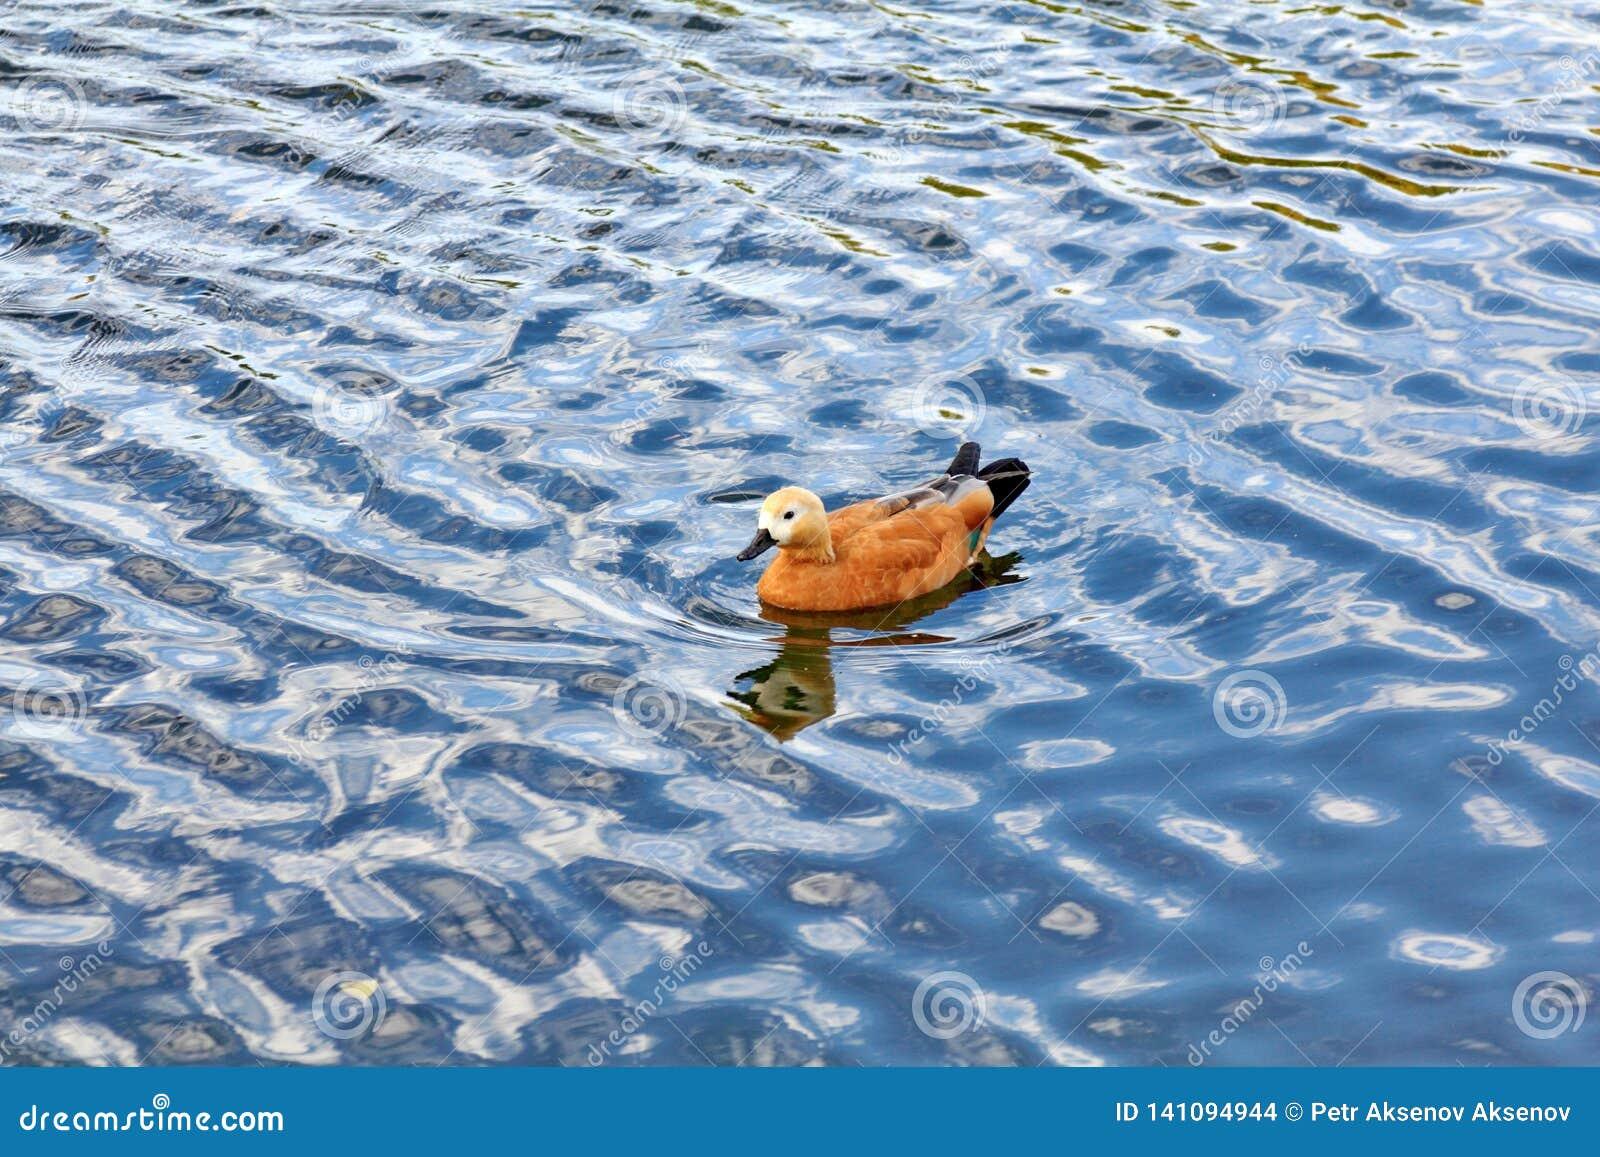 Утка плавает через голубые волны реки